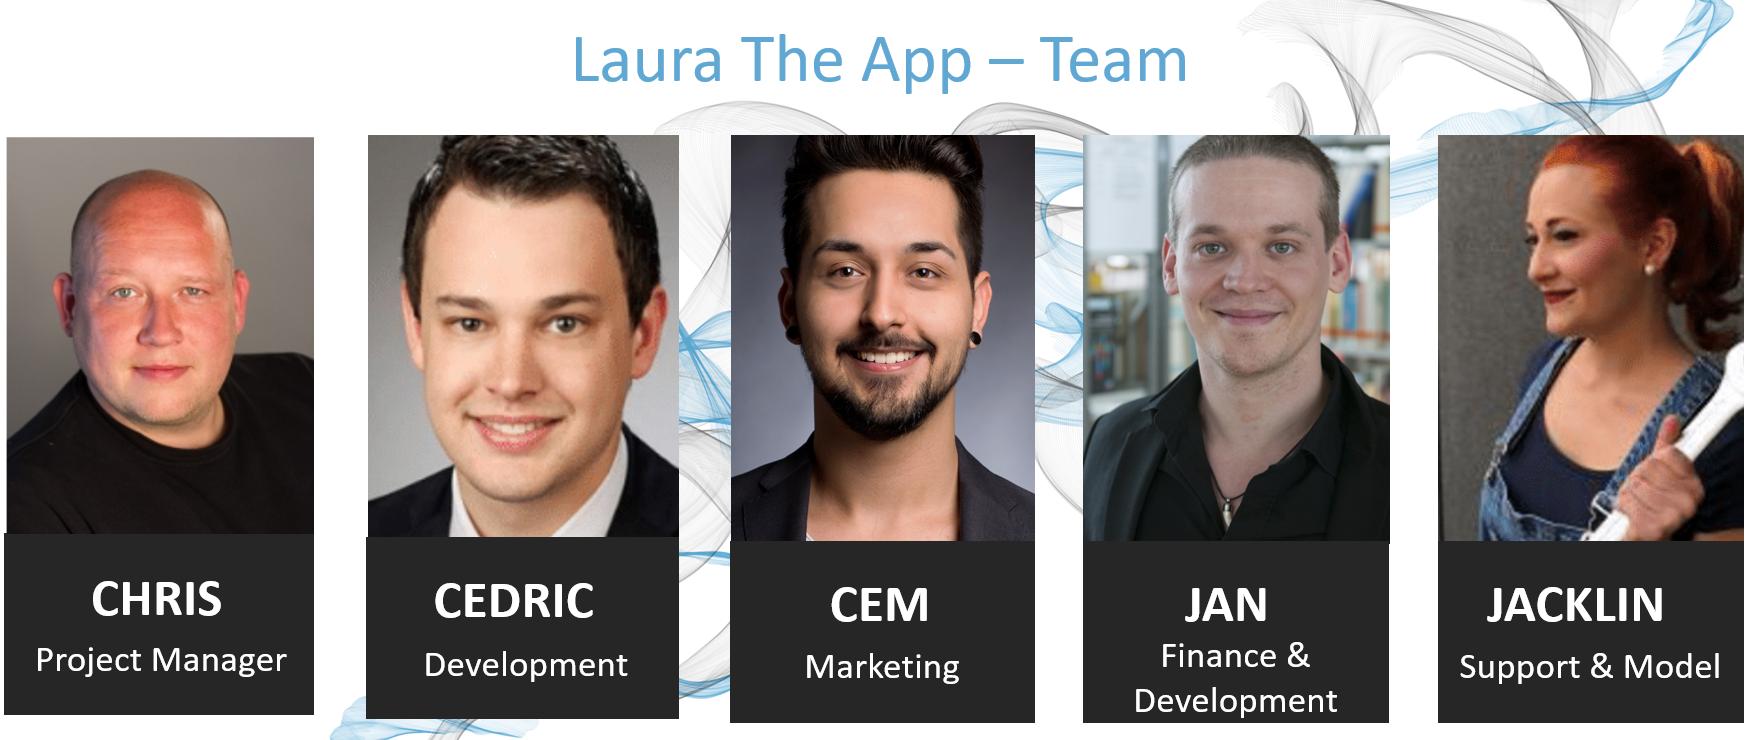 laura_team